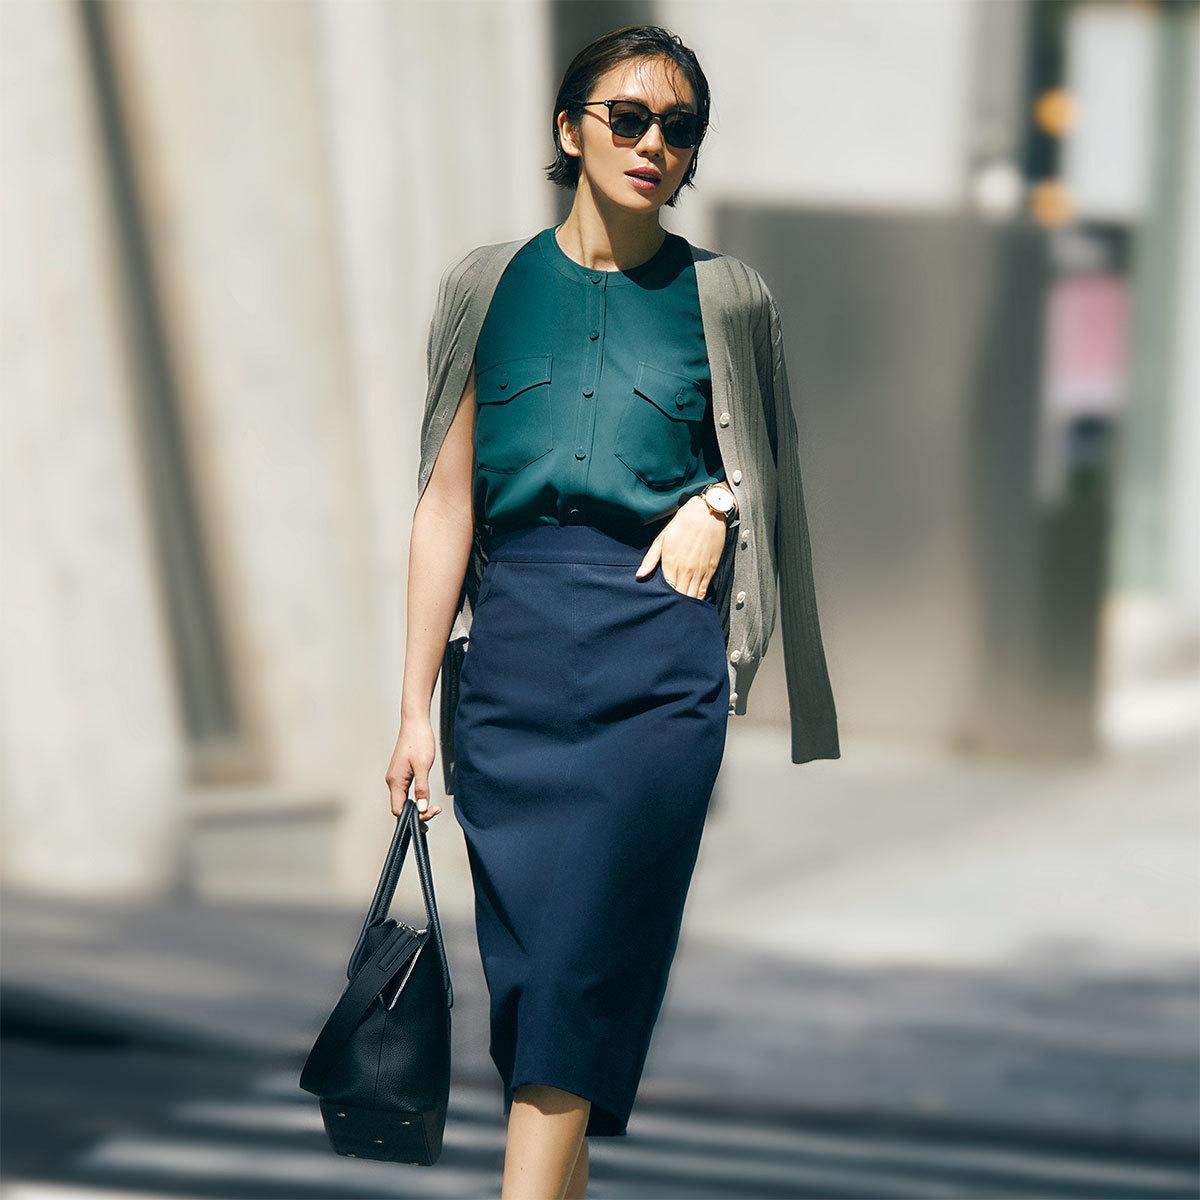 ブラウス×タイトスカート着たモデルの竹内友梨さん